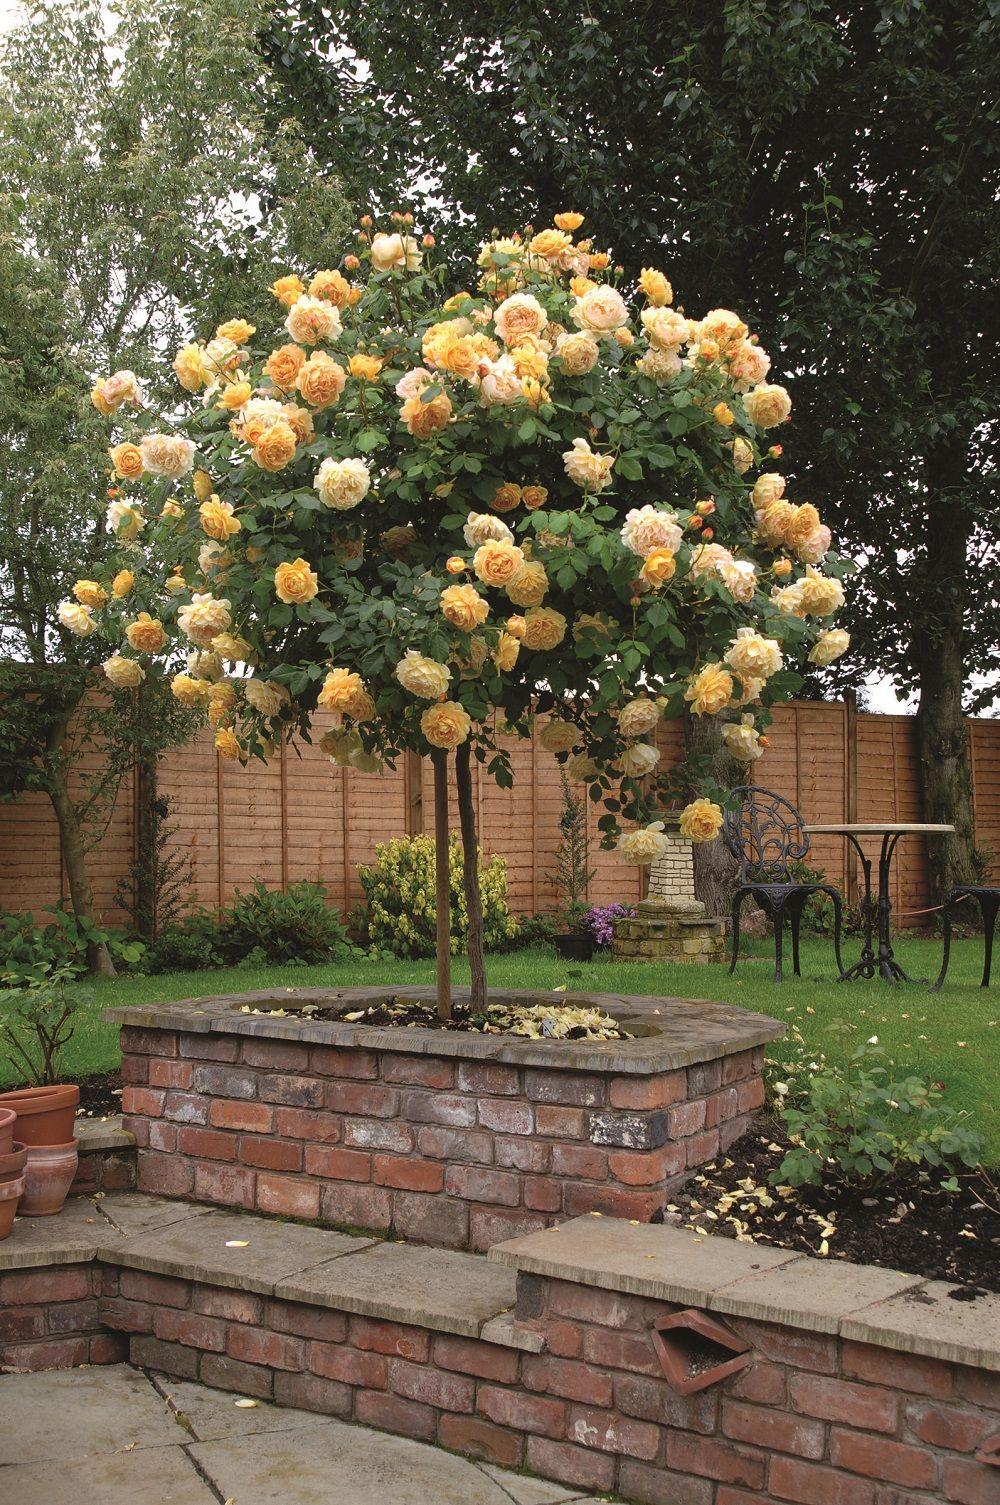 Golden Celebration Standard Ausgold Front Flower Beds Rose